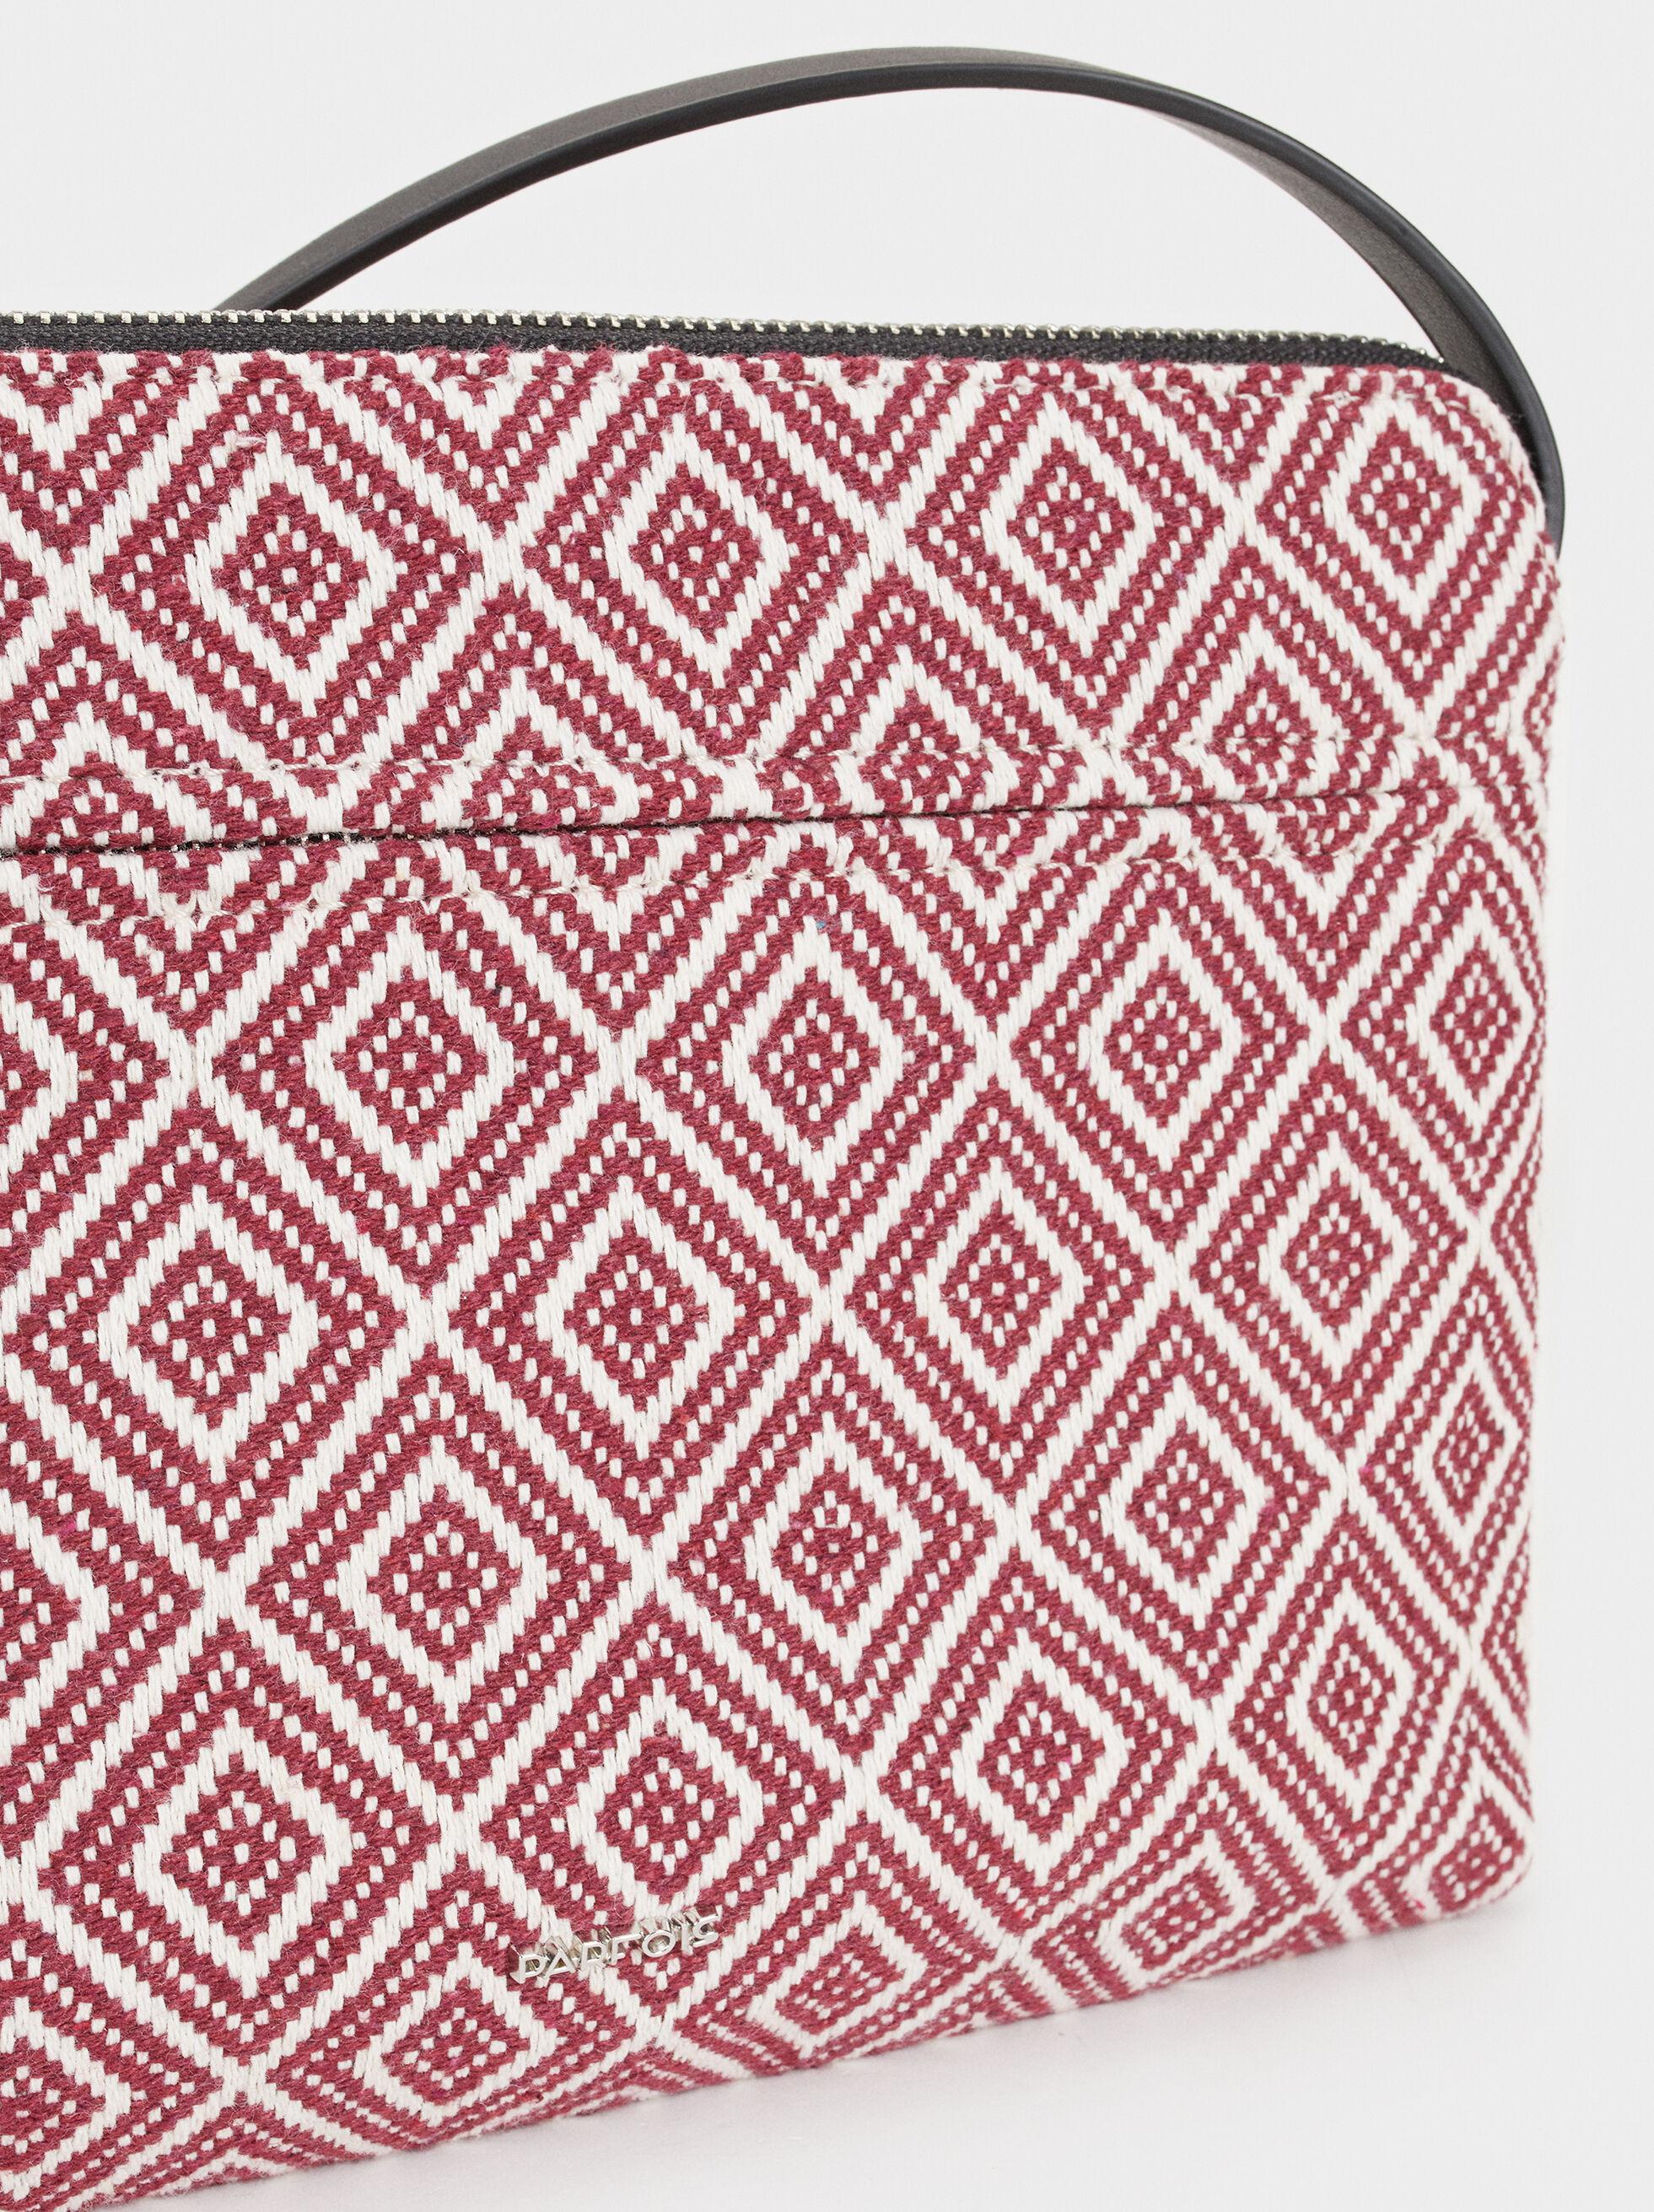 Geometric Print Crossbody Bag, Red, hi-res